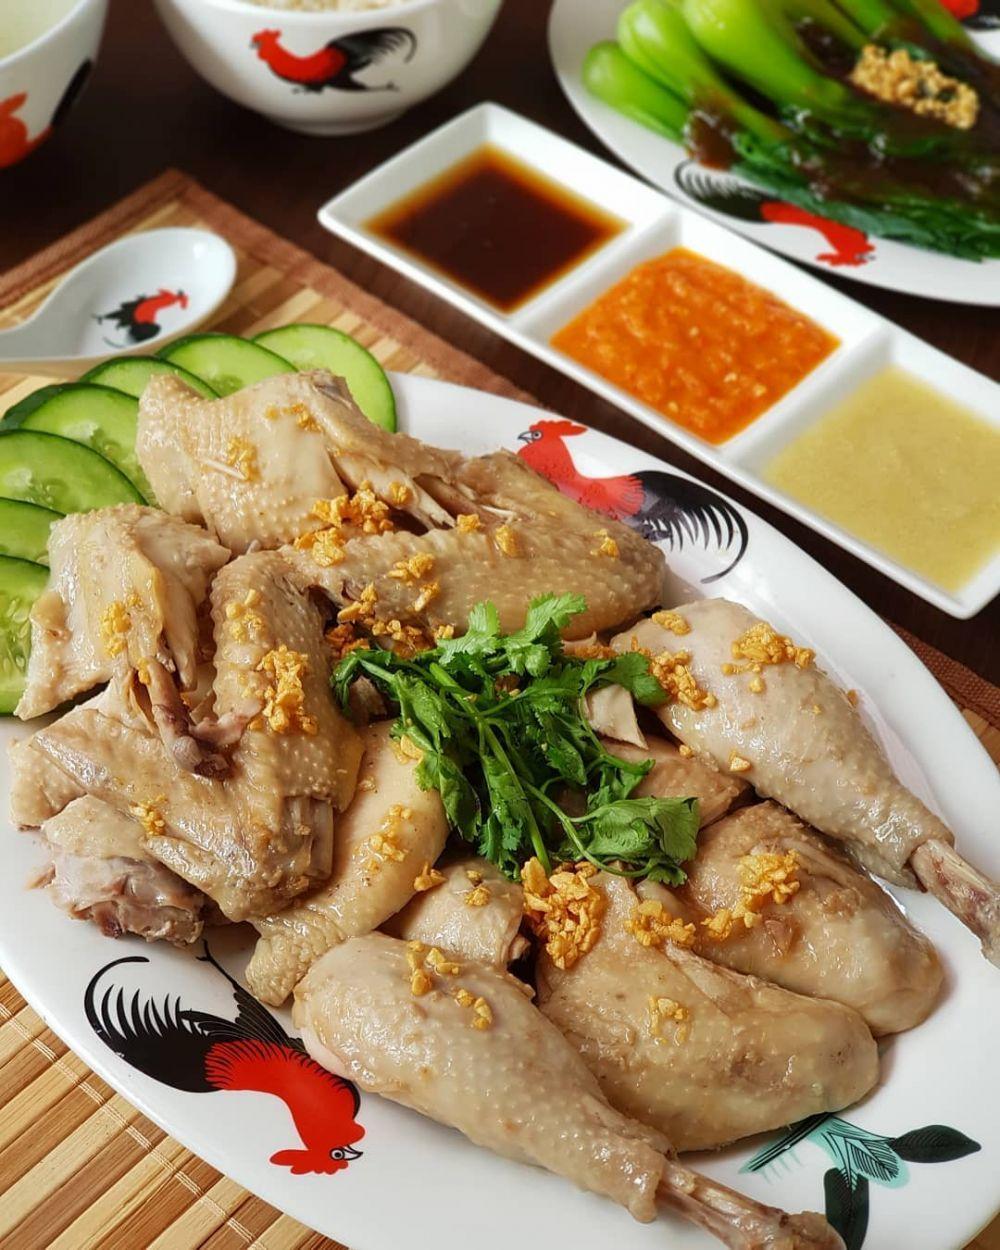 Pin Oleh Klaudiayeni Di Ayam Hainan2 Di 2020 Resep Ayam Masakan Simpel Resep Makanan